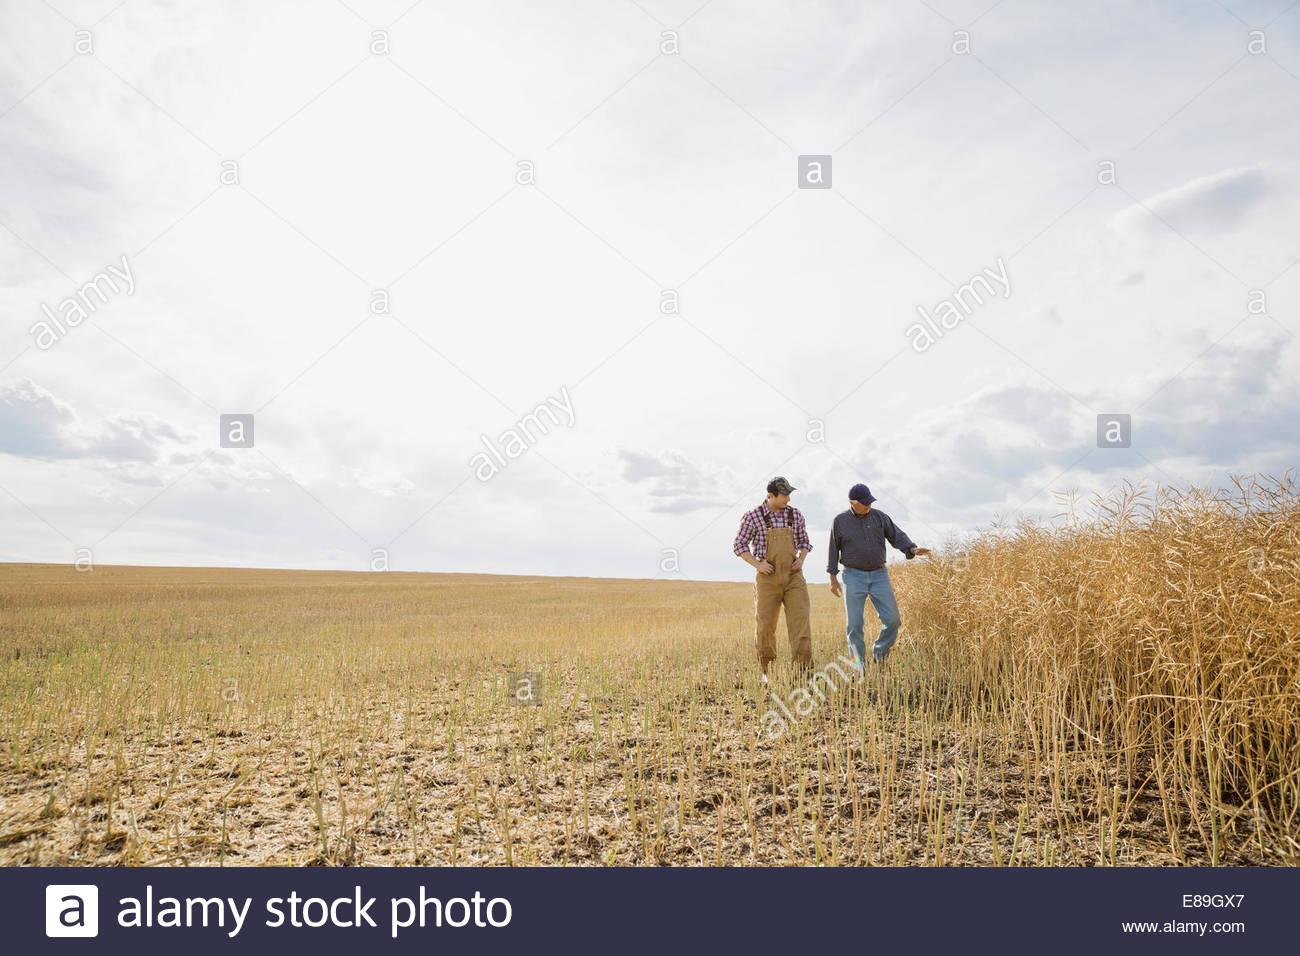 Farmers walking in sunny wheat field - Stock Image